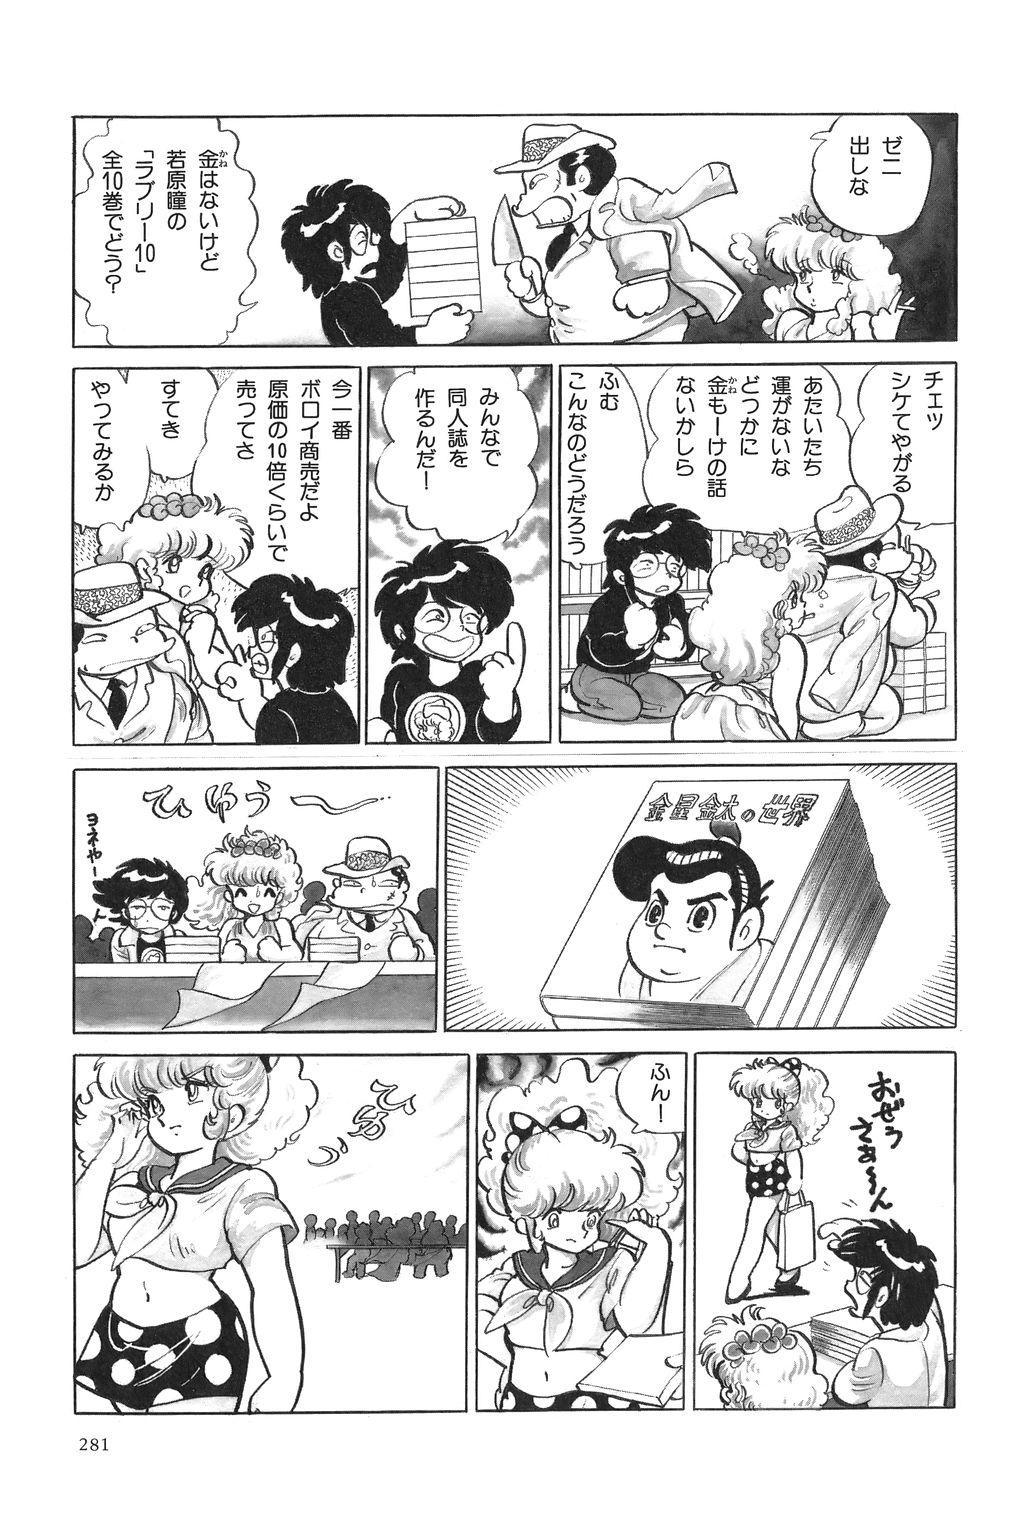 Azuma Hideo Sakuhin Shuusei - Yoru no Tobari no Naka de 282